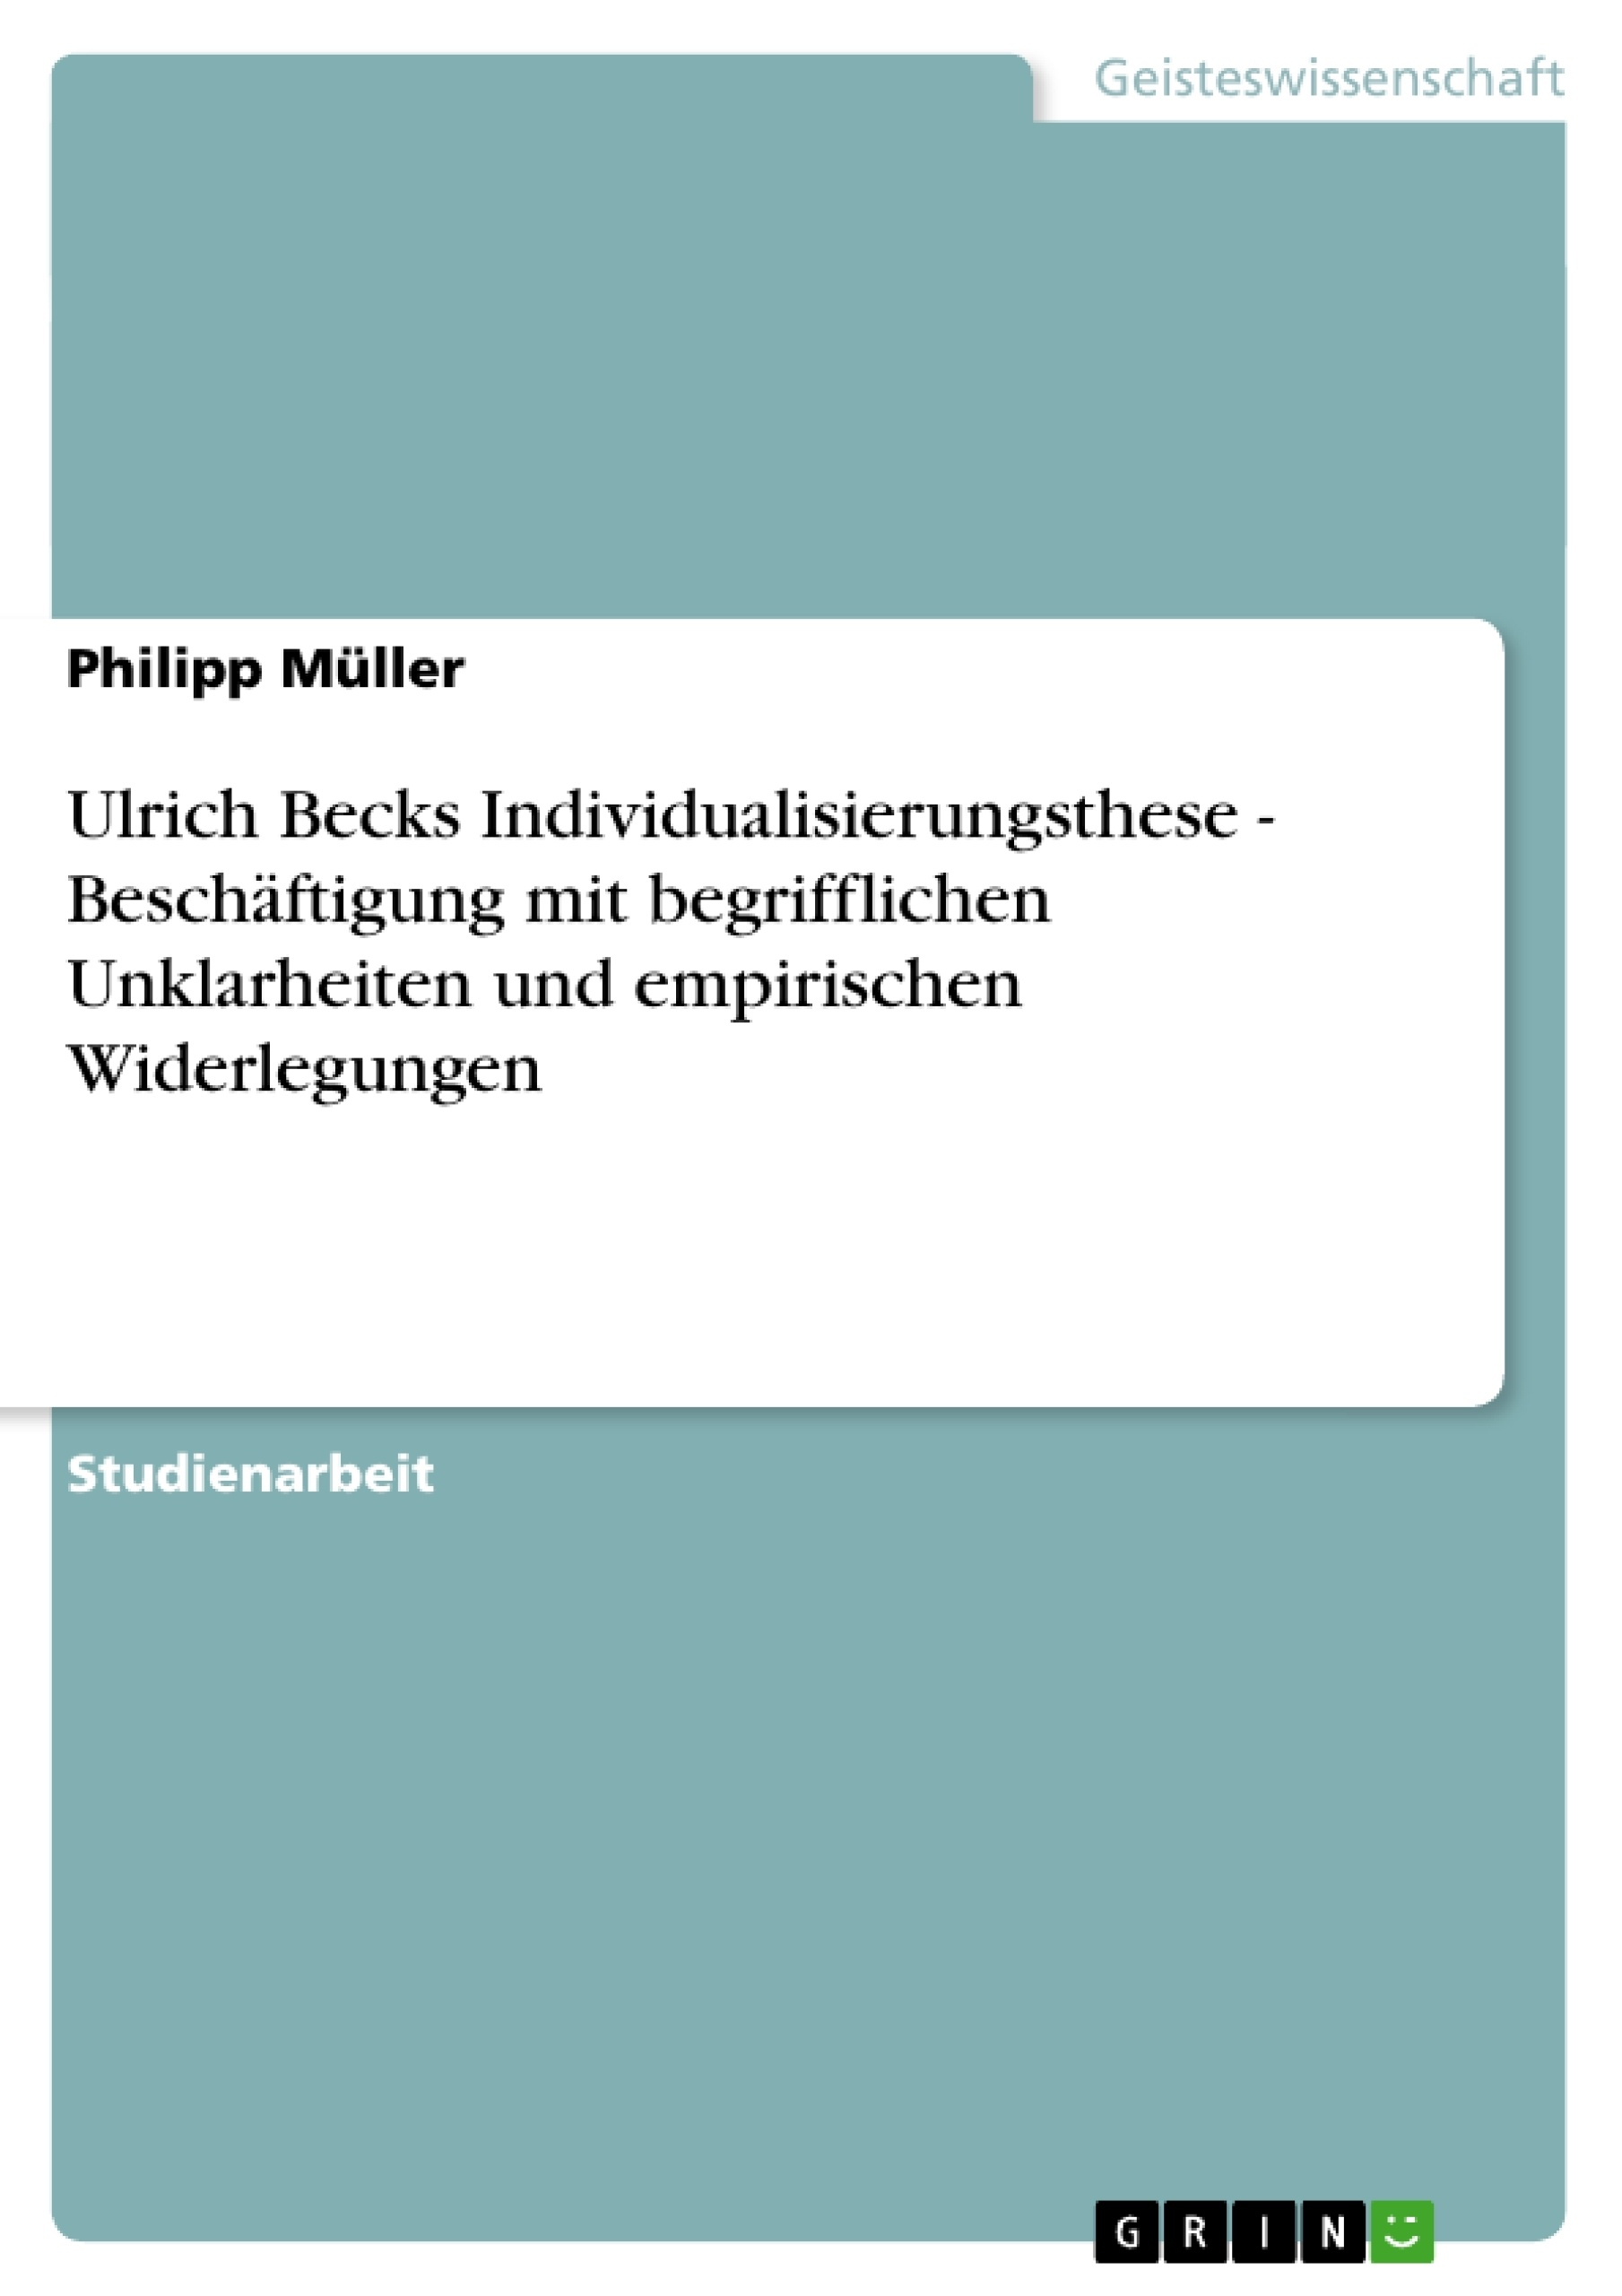 Titel: Ulrich Becks Individualisierungsthese - Beschäftigung mit begrifflichen Unklarheiten und empirischen Widerlegungen